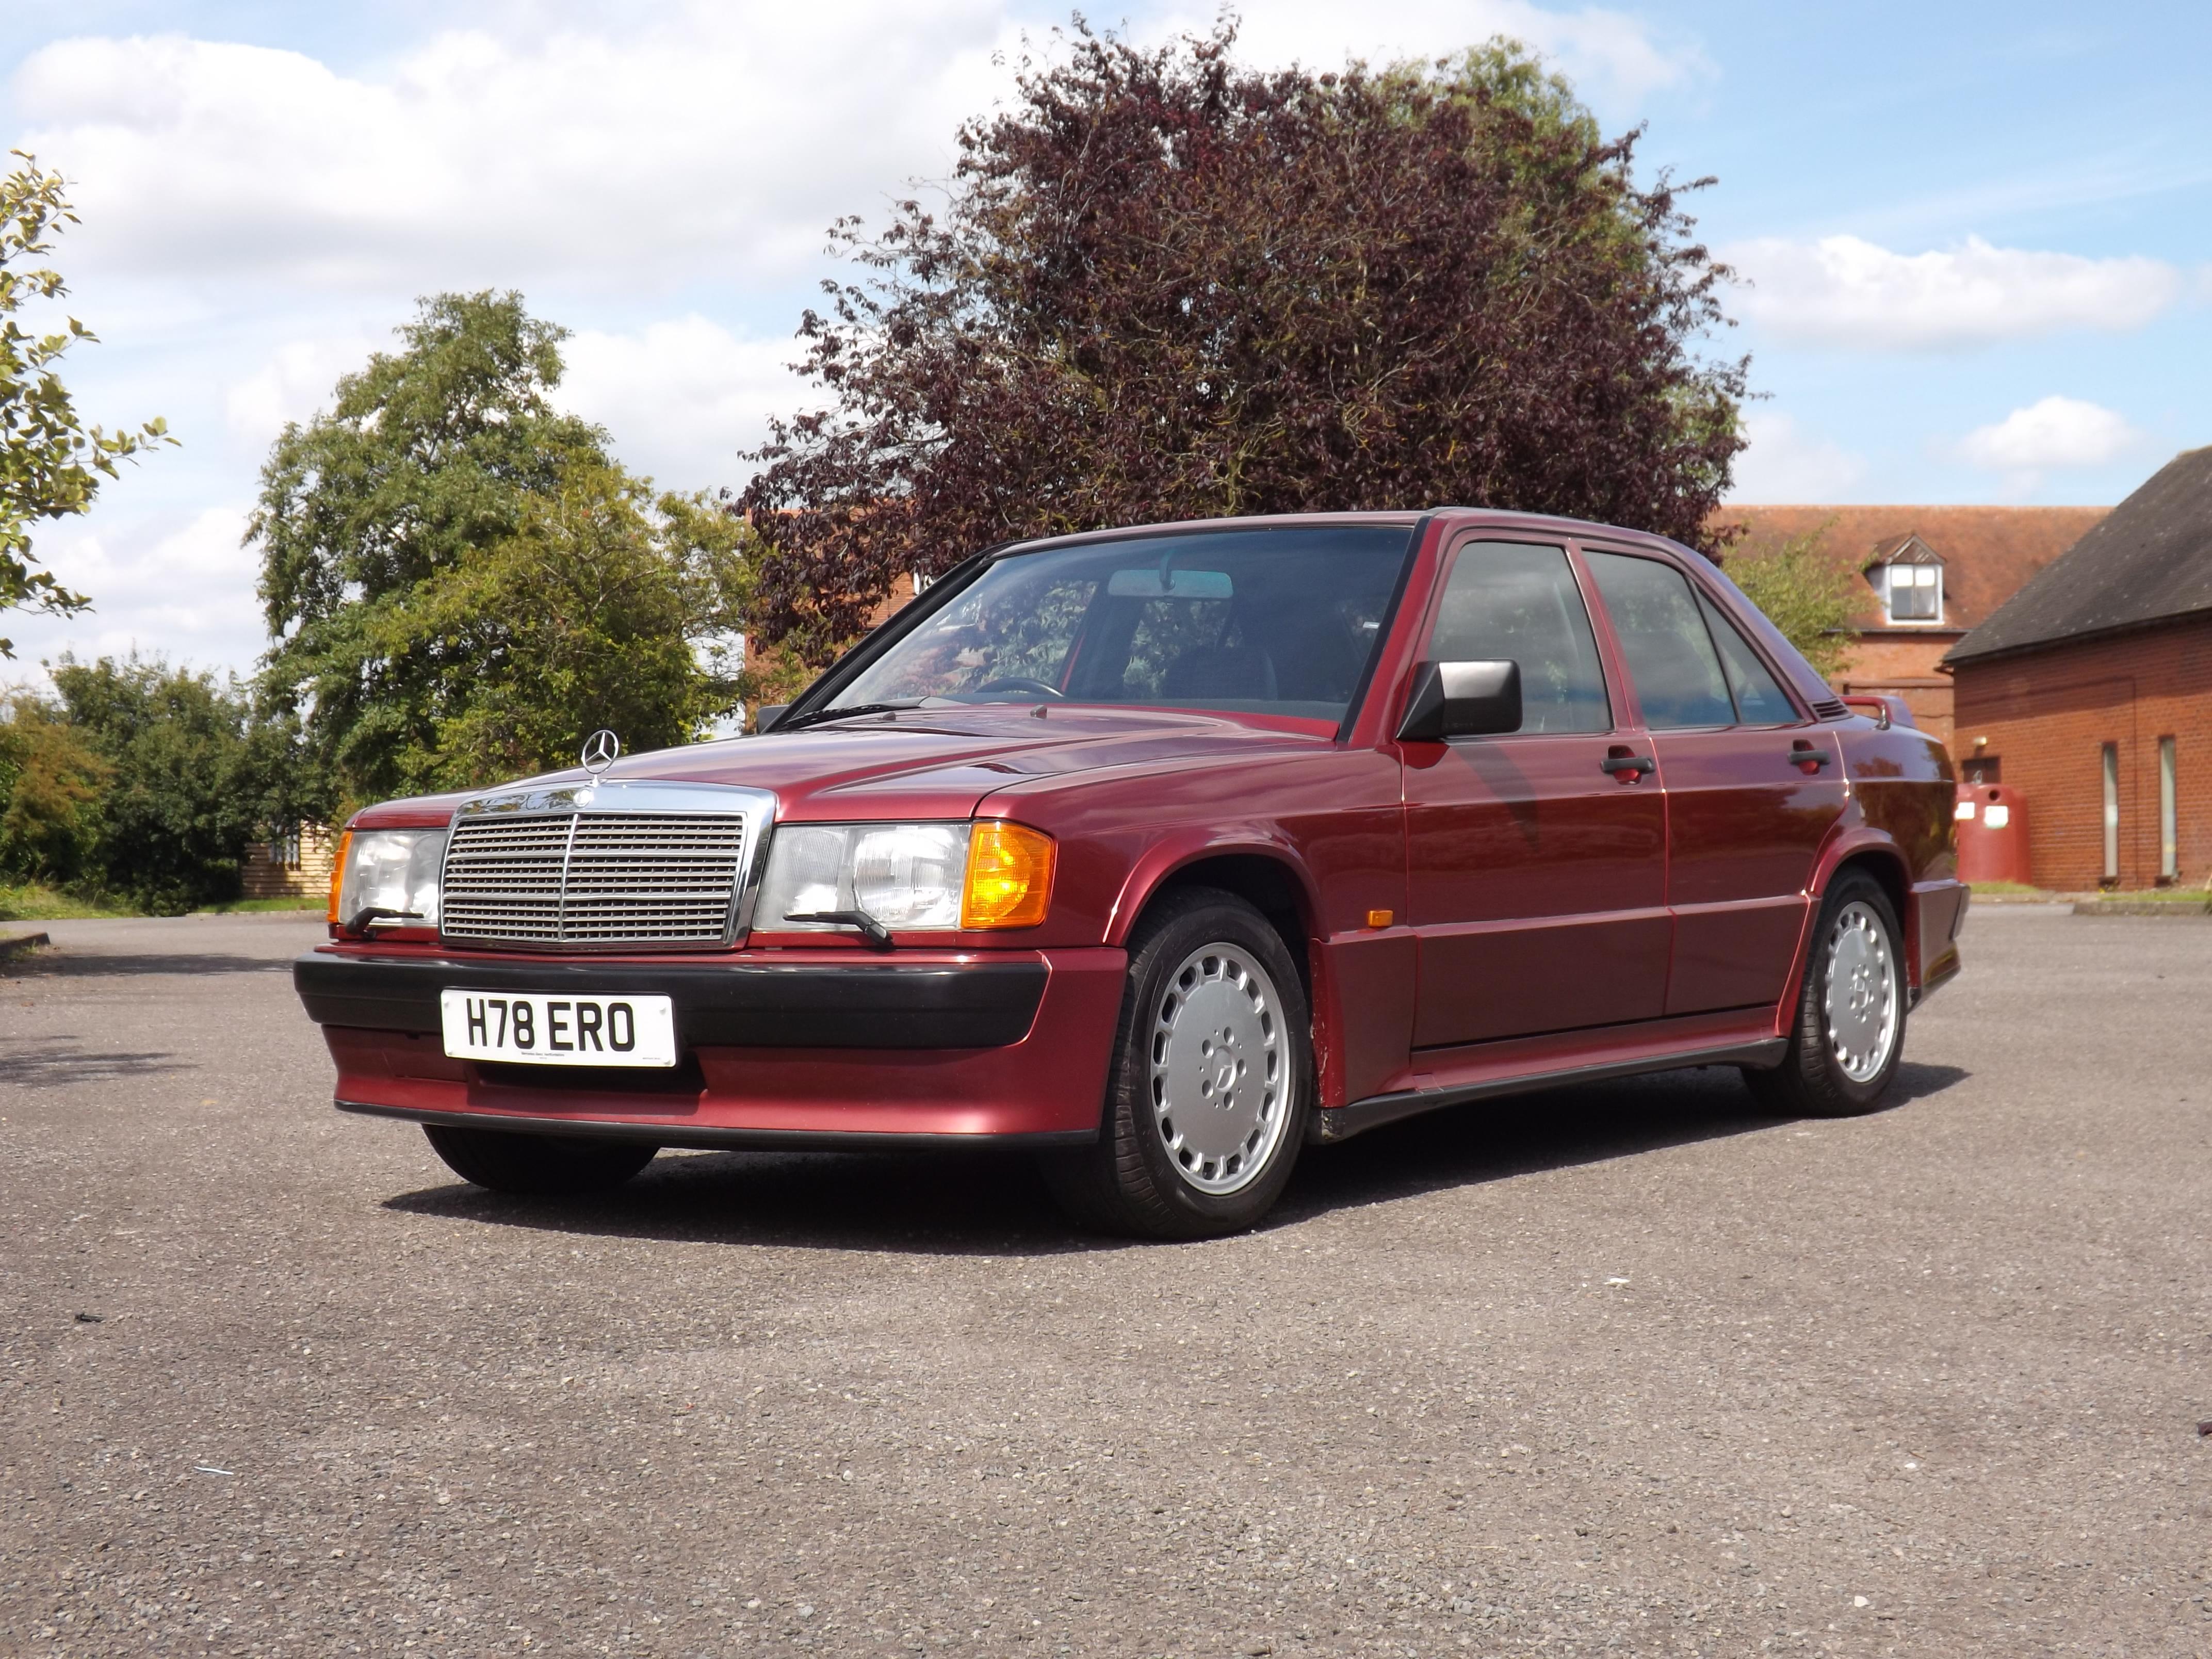 1990 Mercedes 190e 2 5 16v The Bid Watcher